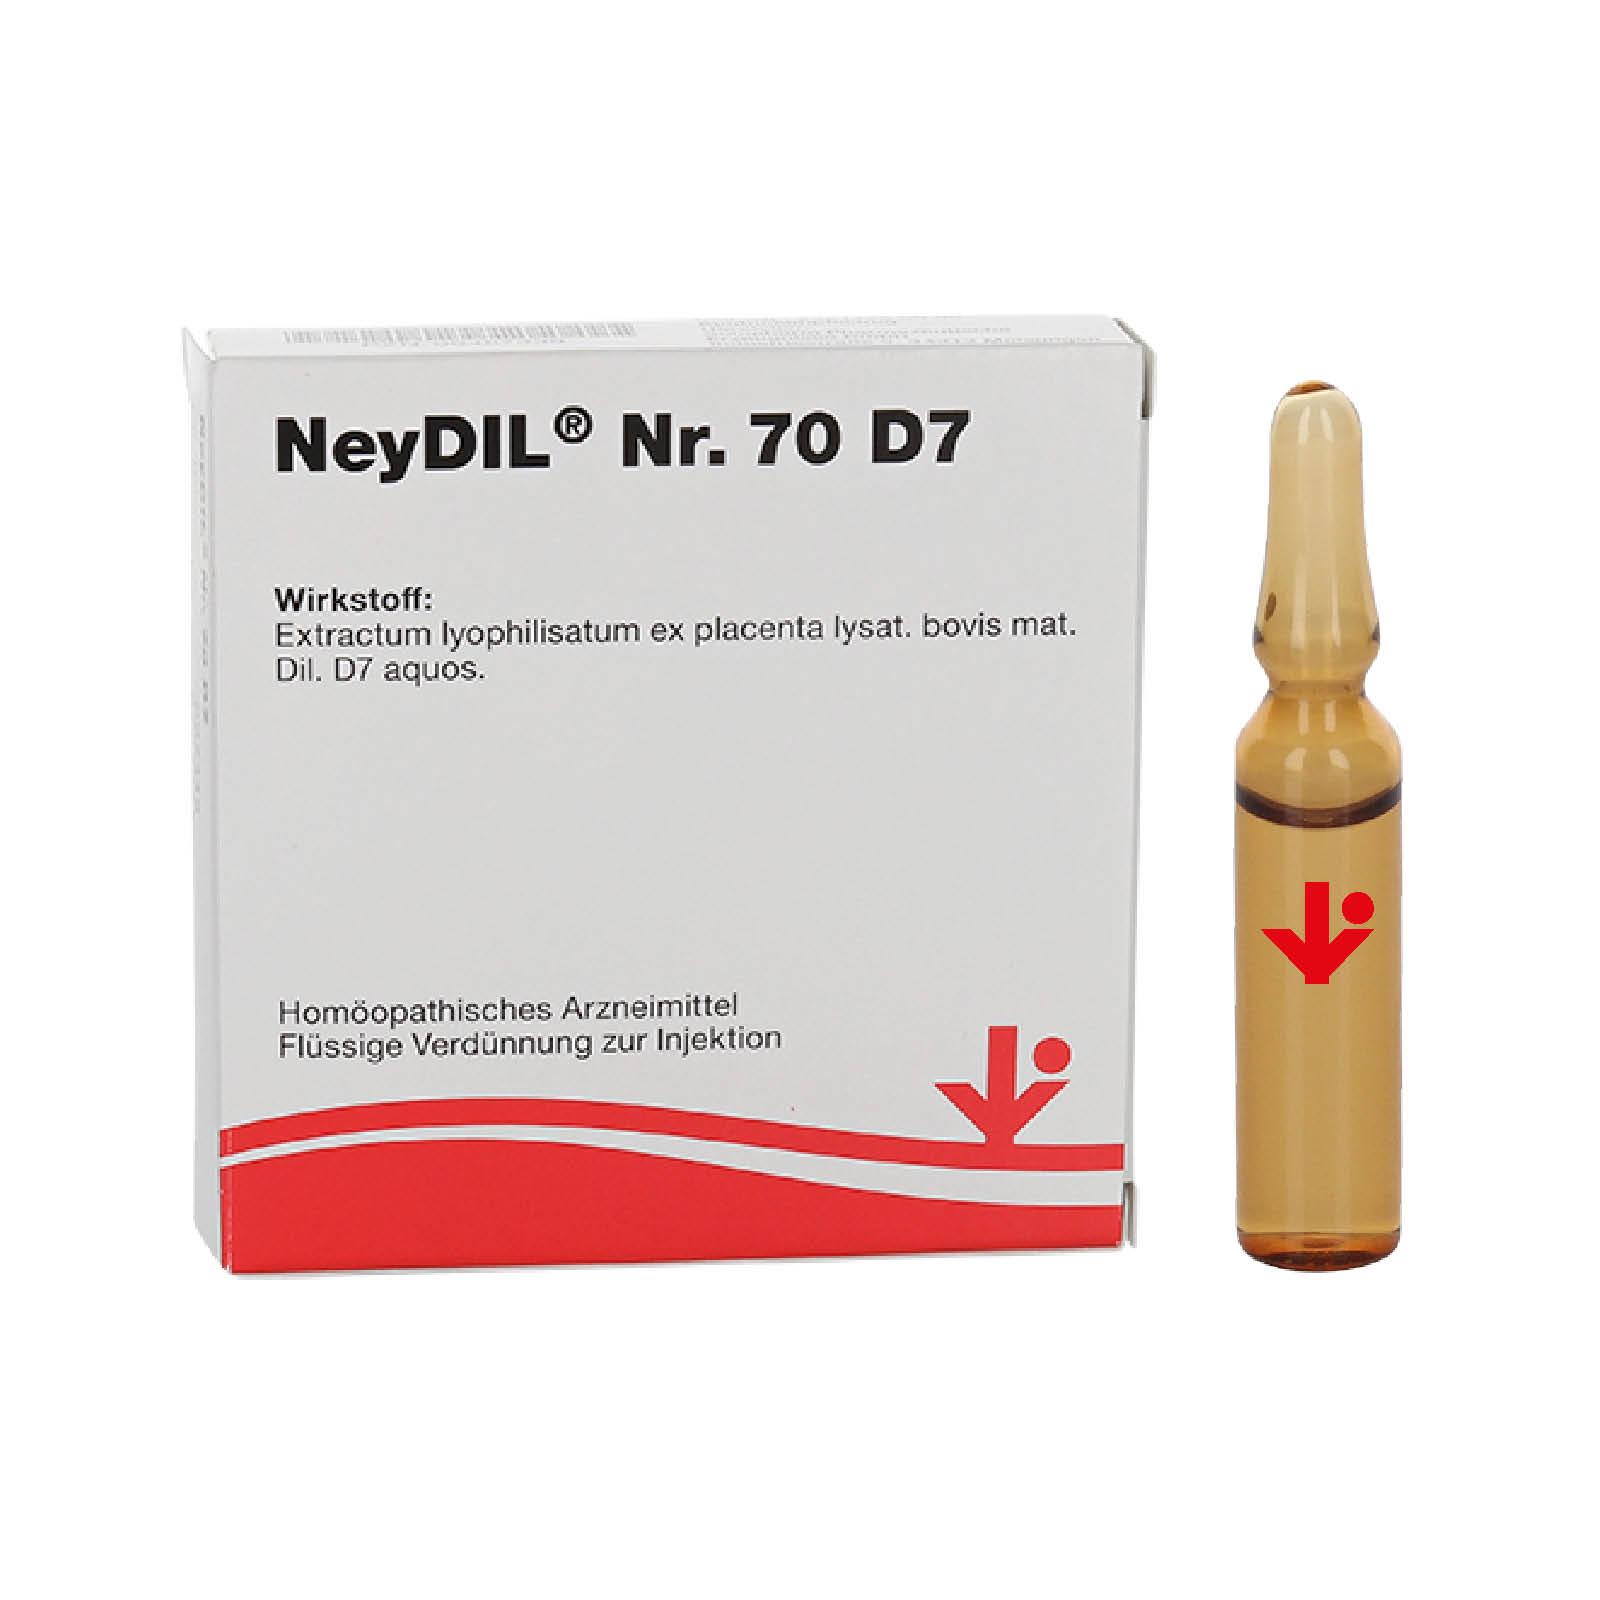 NeyDIL® Nr. 70 D7